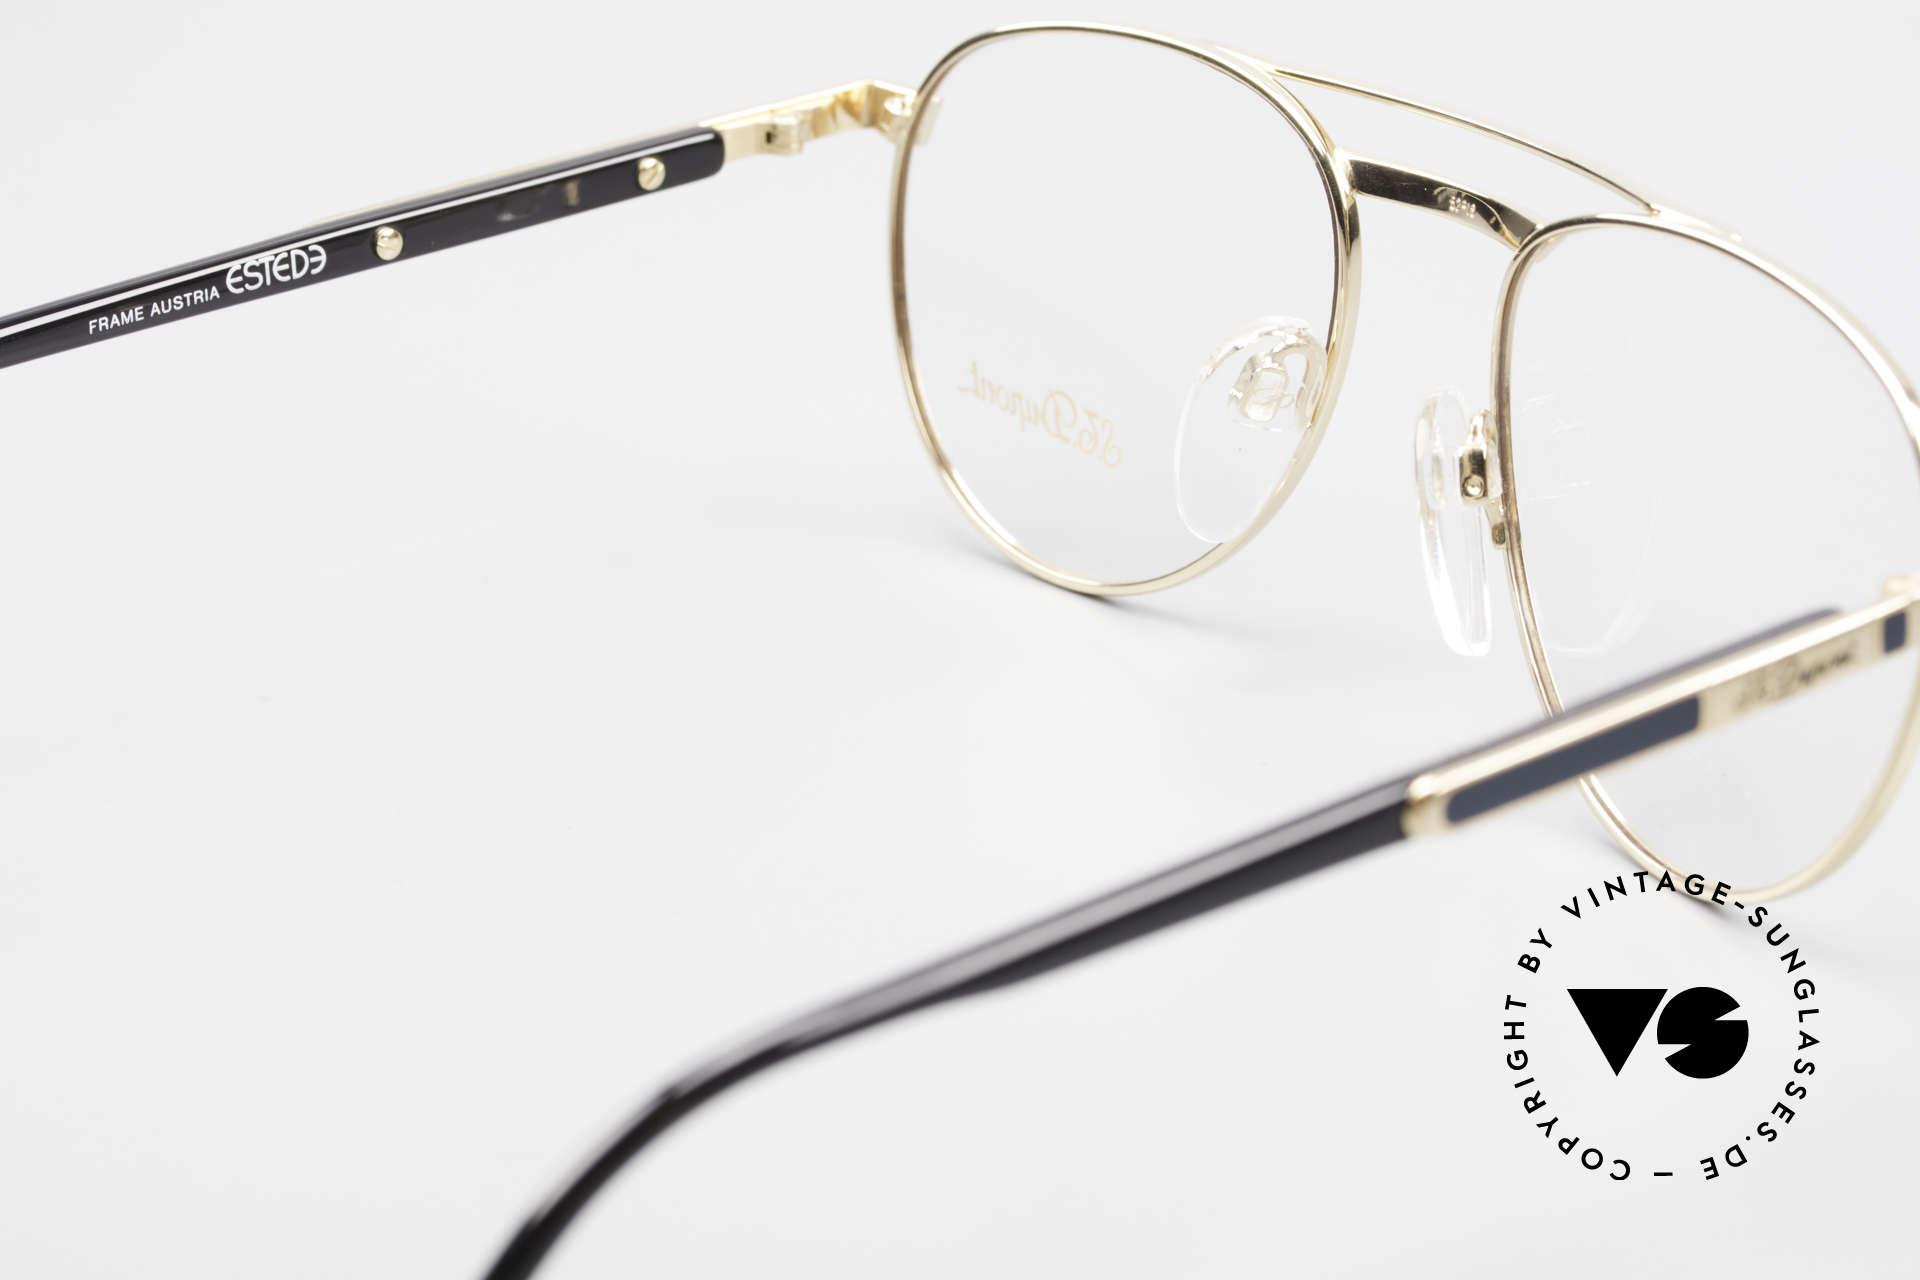 S.T. Dupont D004 90er Luxus Pilotenbrille Herren, KEINE Retrobrille; ein kostbares 90er Jahre ORIGINAL, Passend für Herren